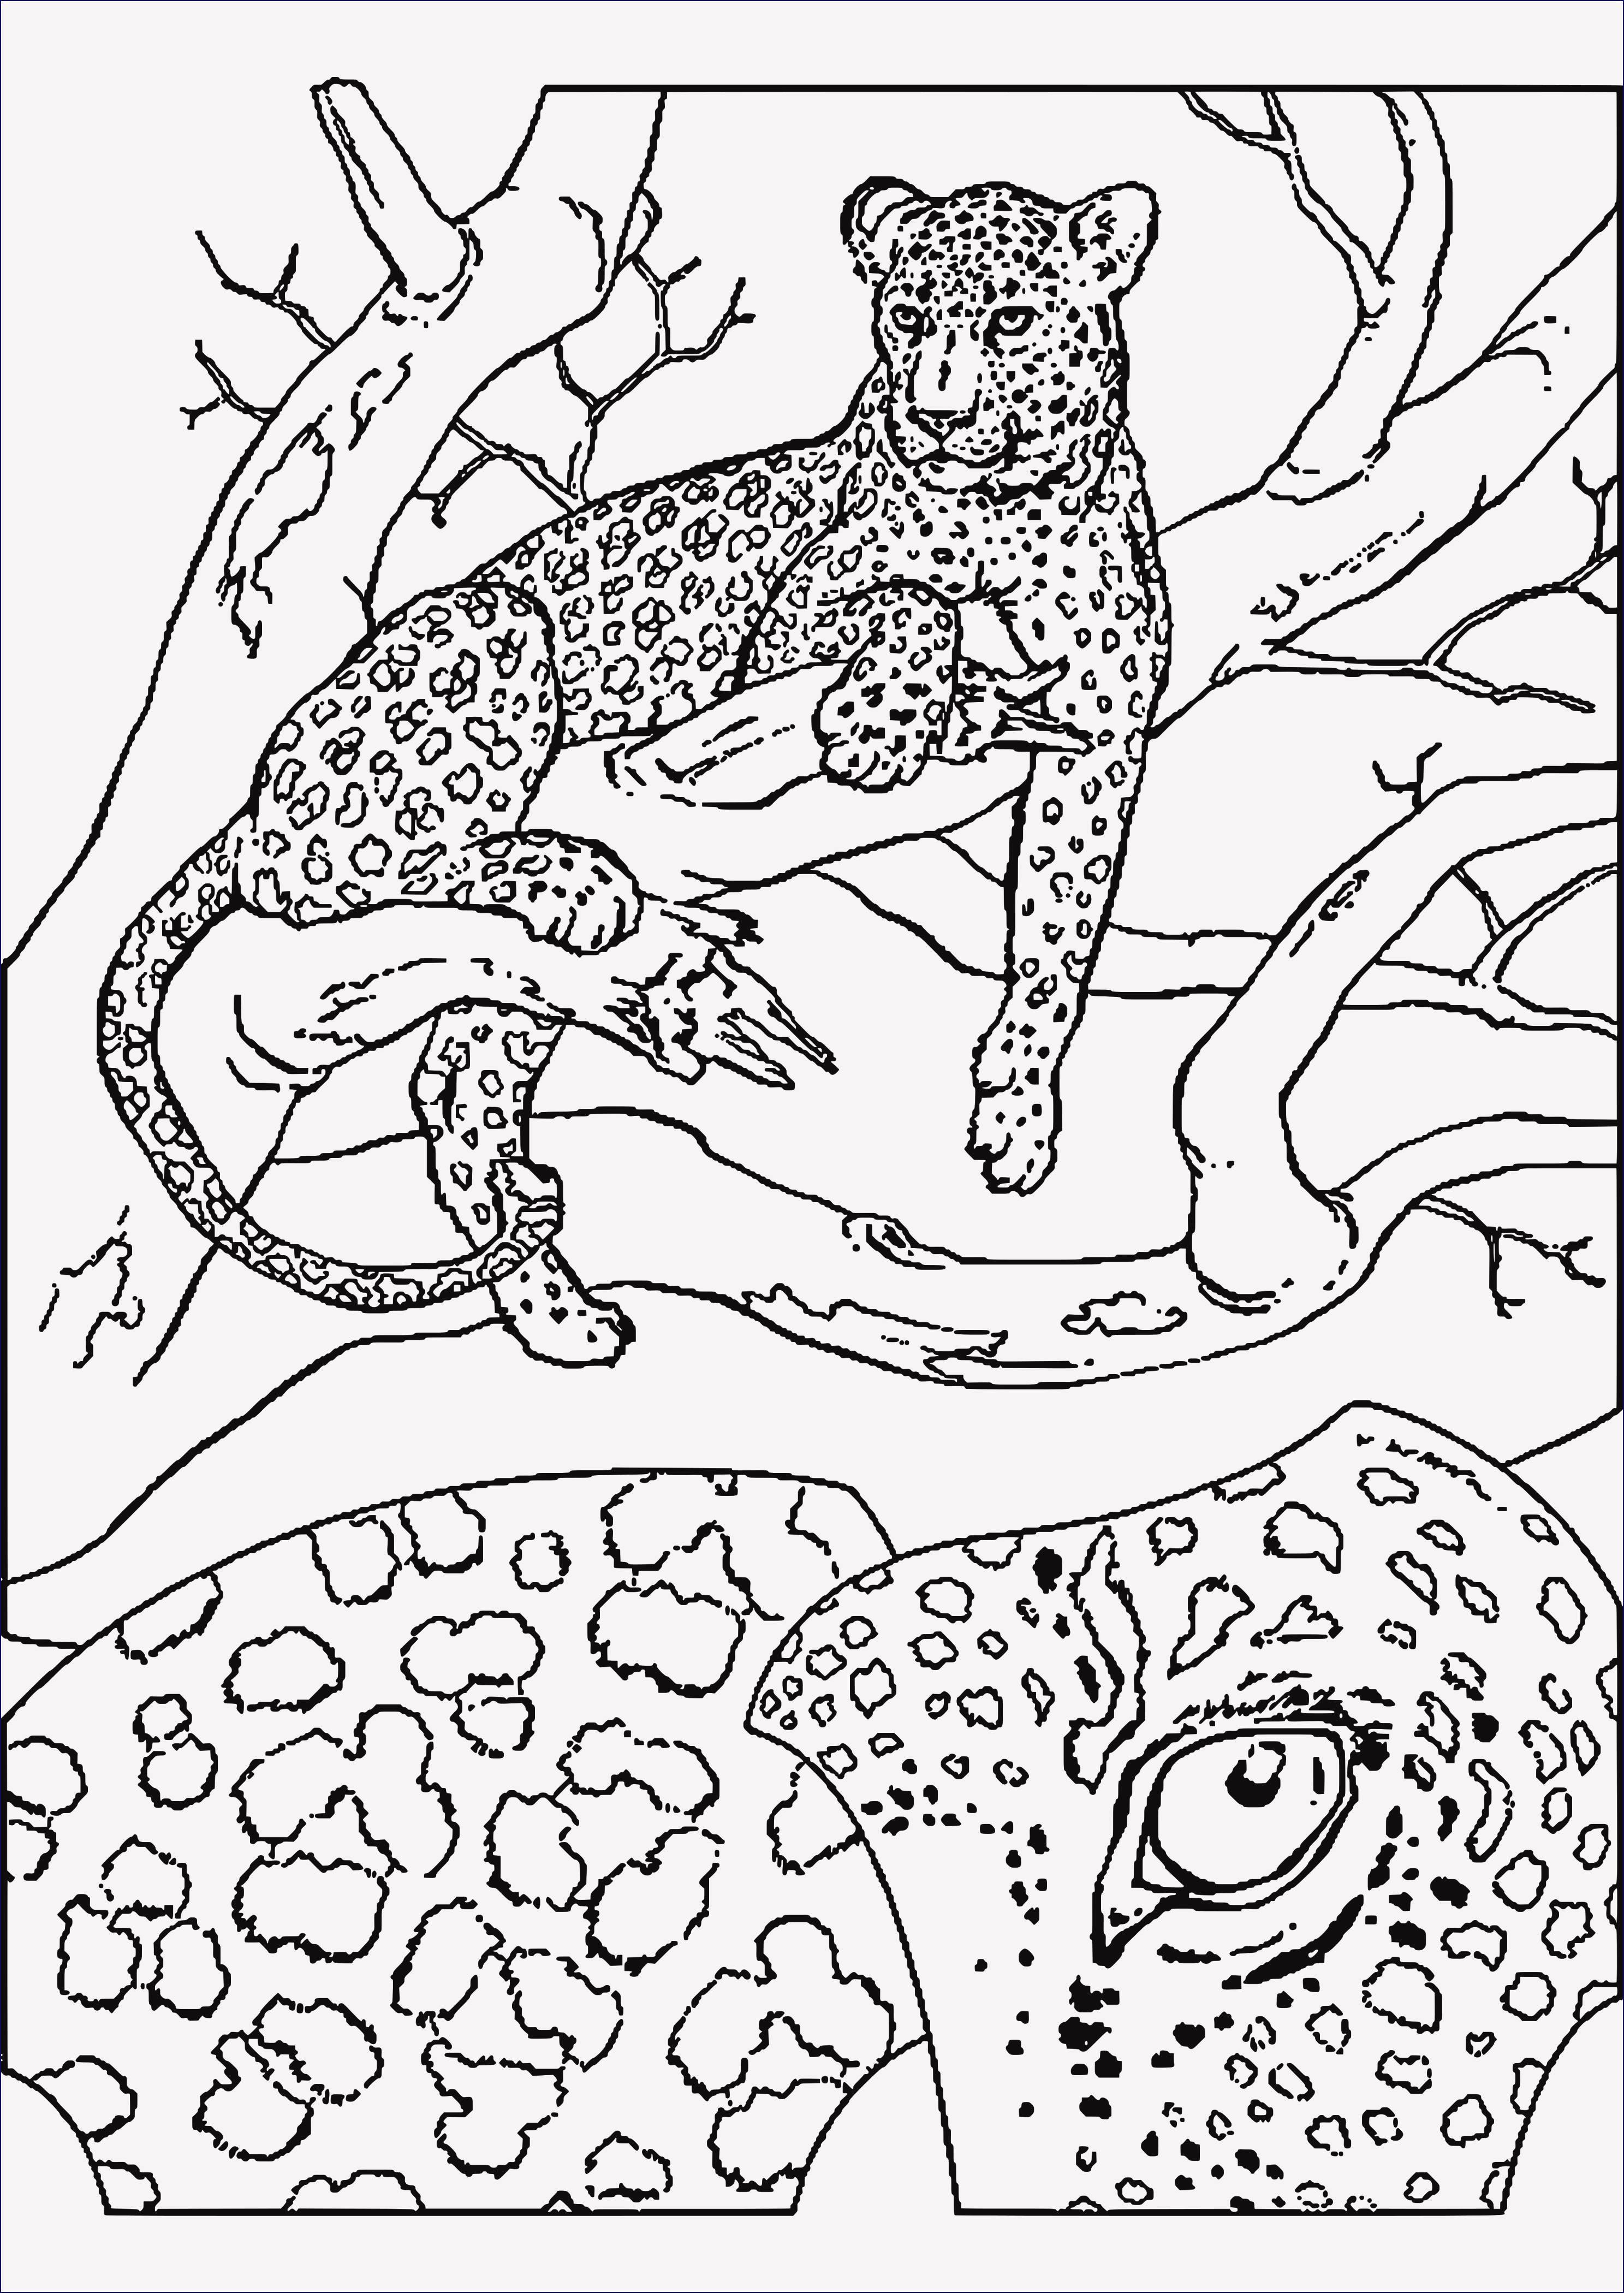 Dschungel Bilder Zum Ausdrucken Frisch 25 Gut Aussehend Malvorlagen Tiere Zum Ausdrucken Stock